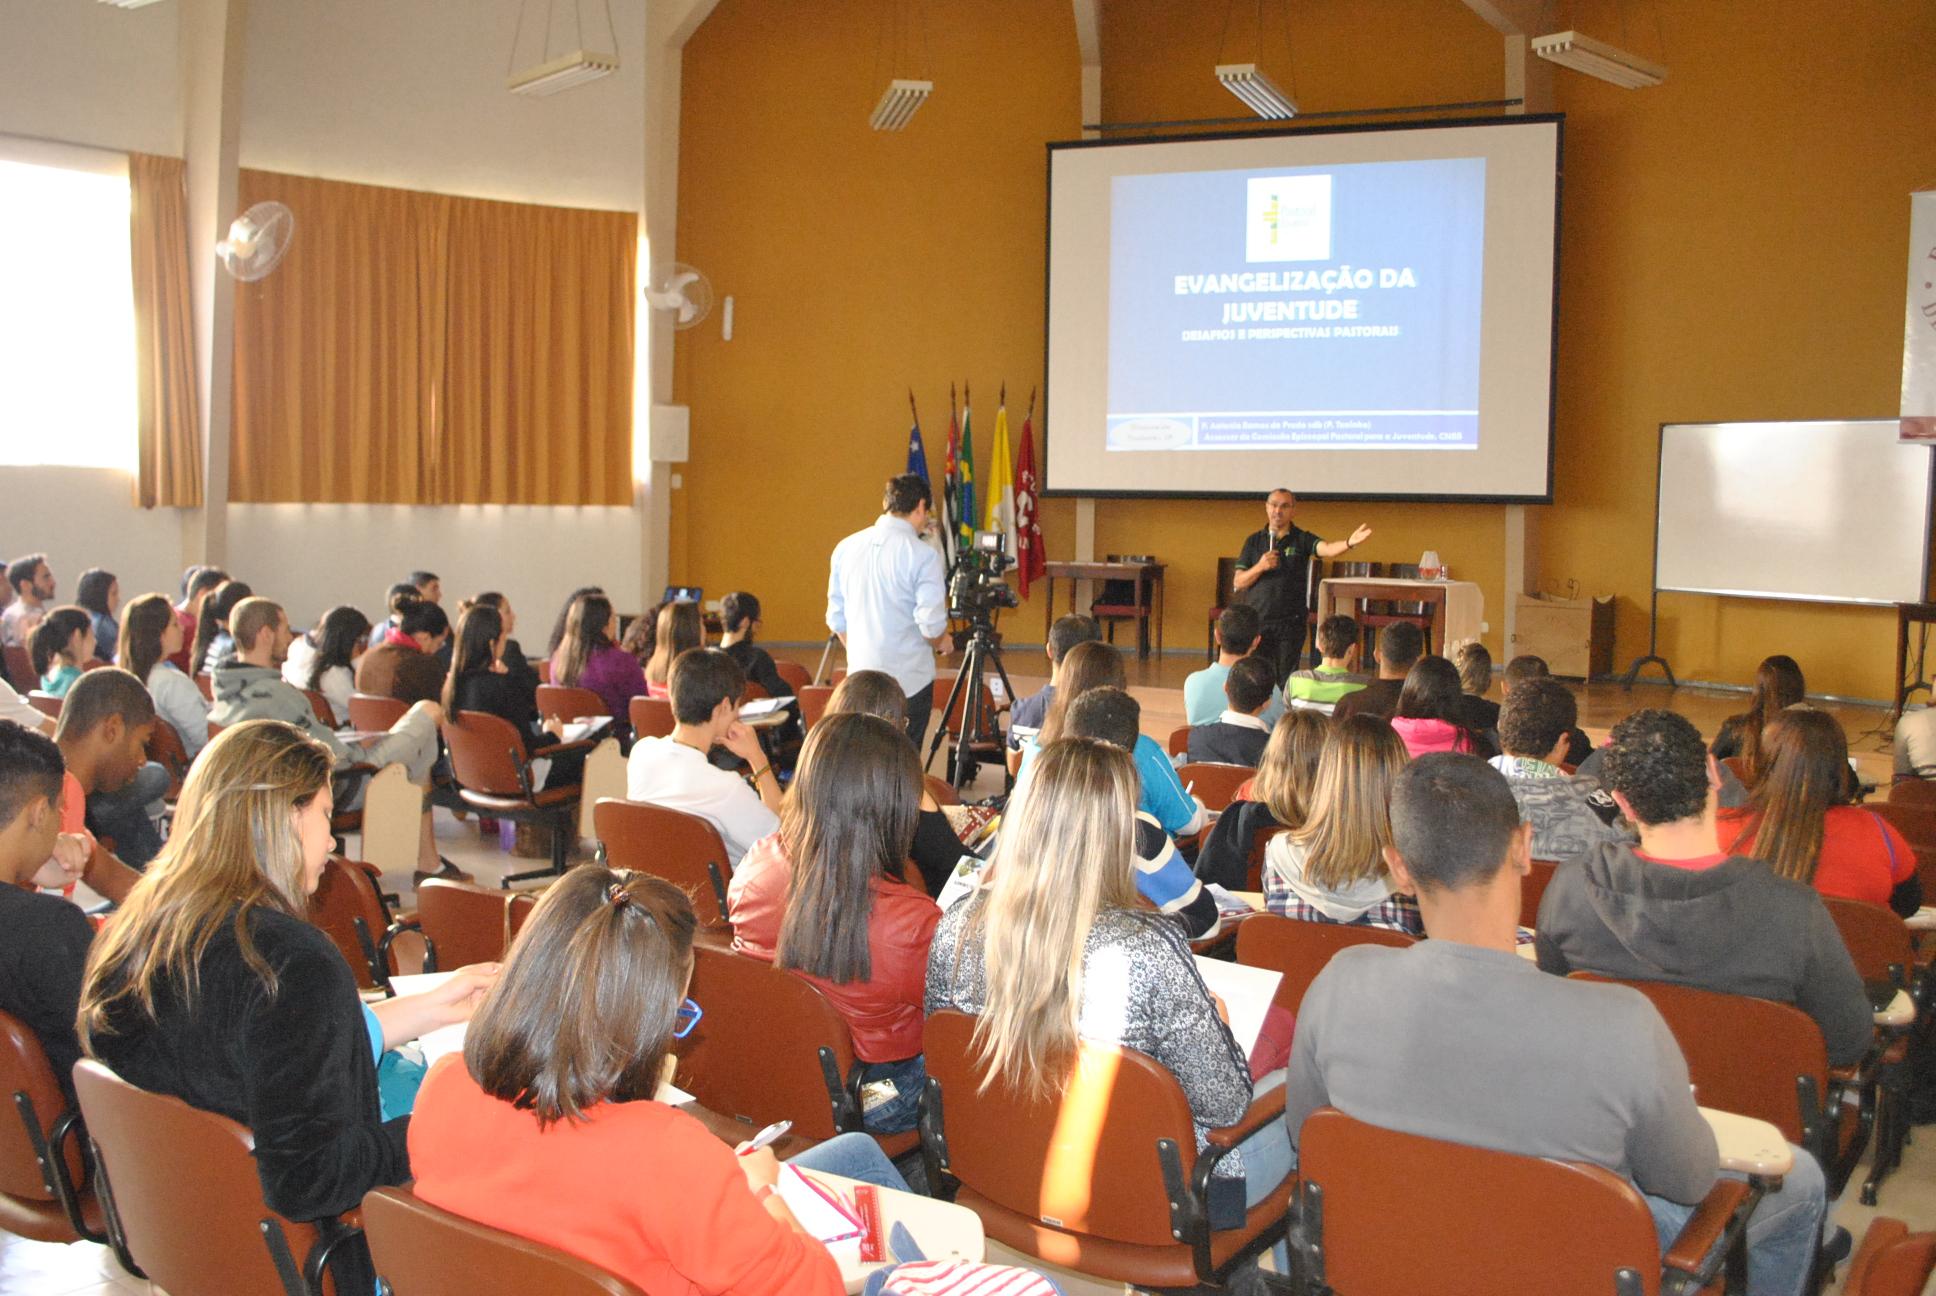 Jovens de Taubaté participam de formação com Padre Toninho